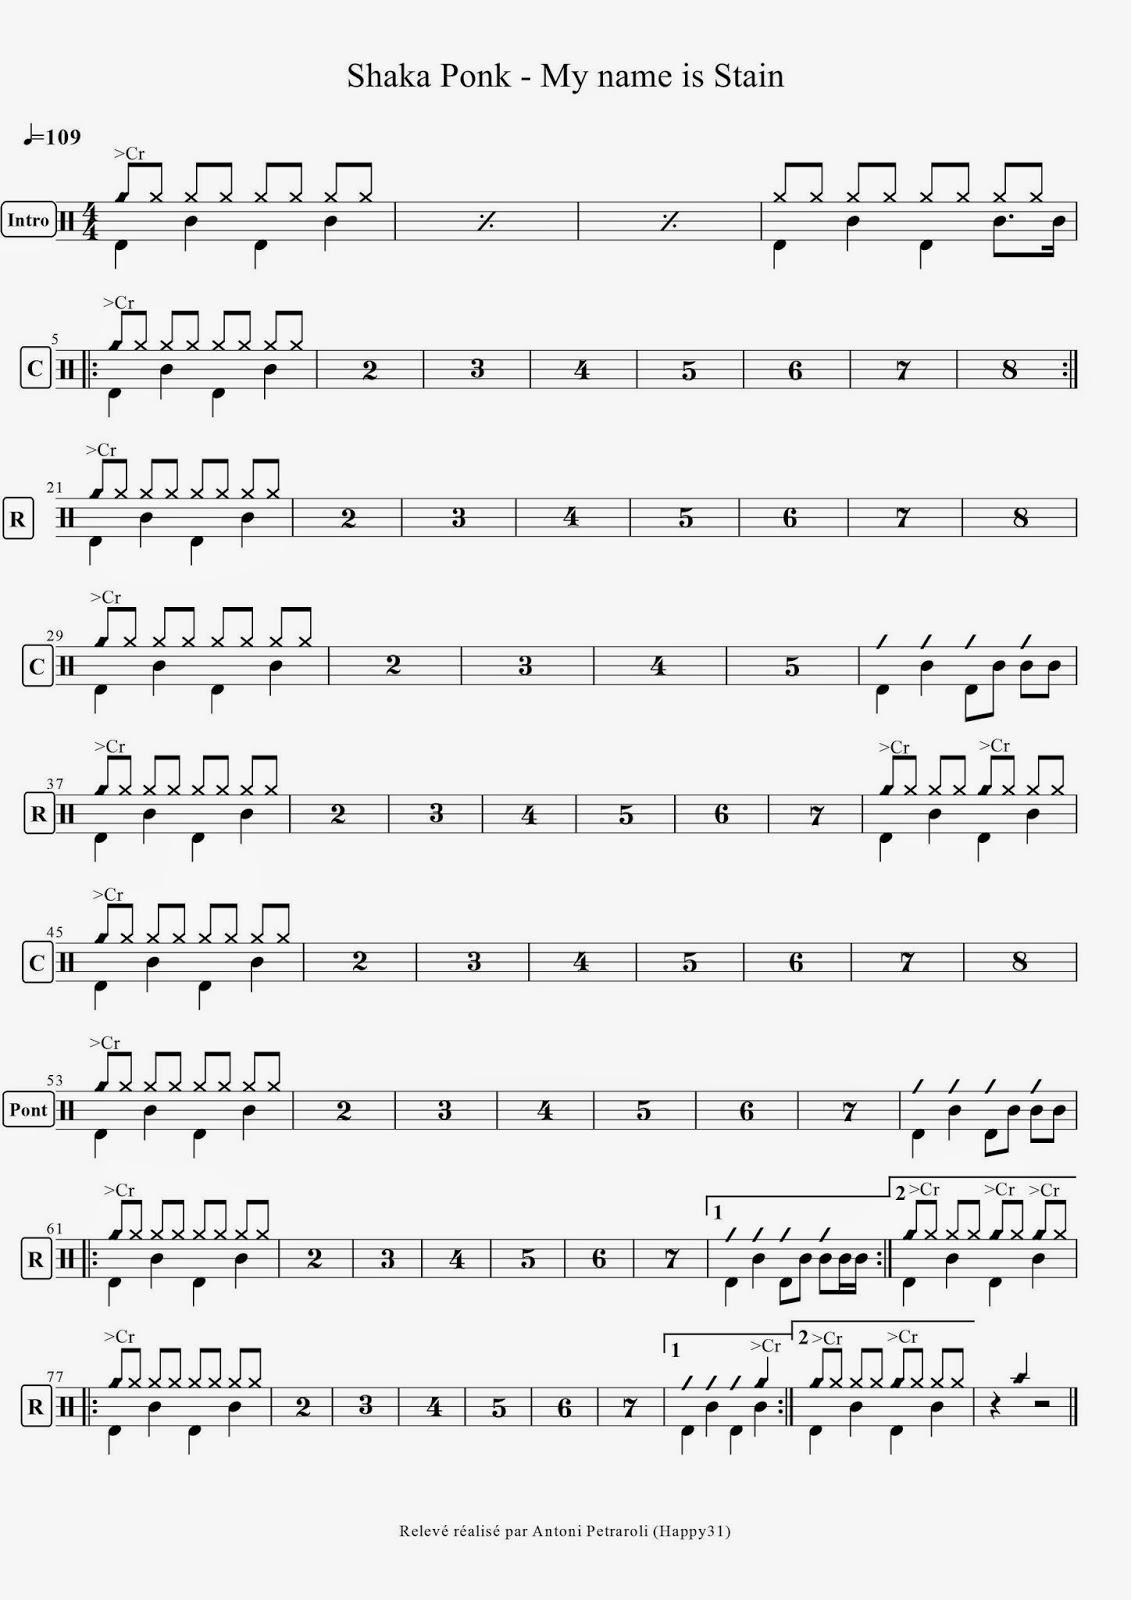 pour un flirt partition pdf Une rubrique est consacrée aux partitions pour c'est un site d'échange de partition partition piano gratuite,partition piano gratuite pdf,partition.